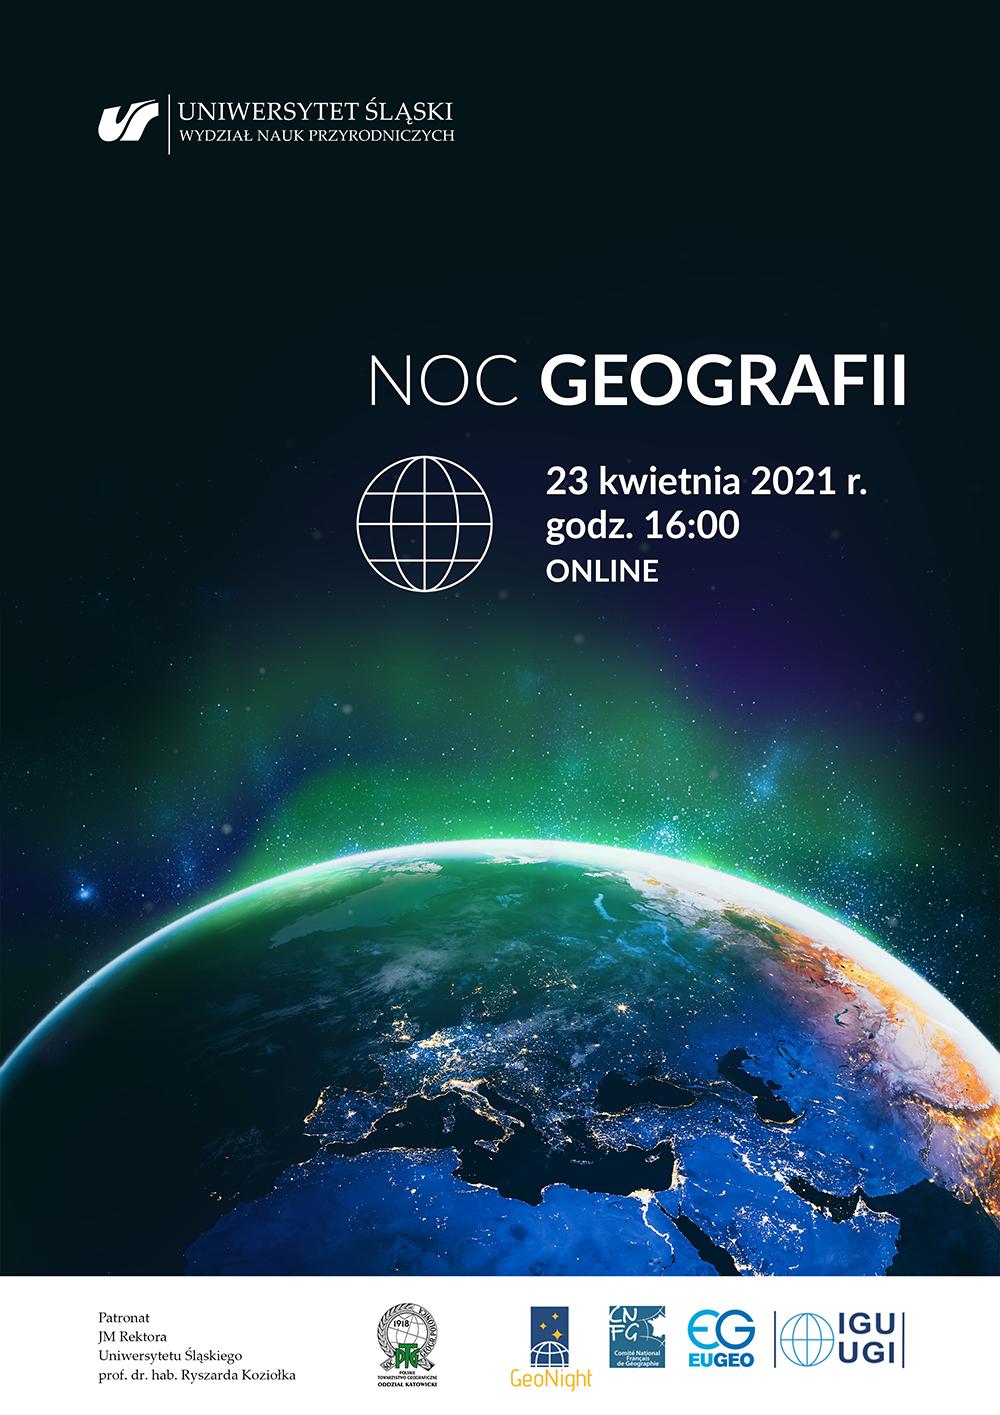 plakat promujący Noc Geografii